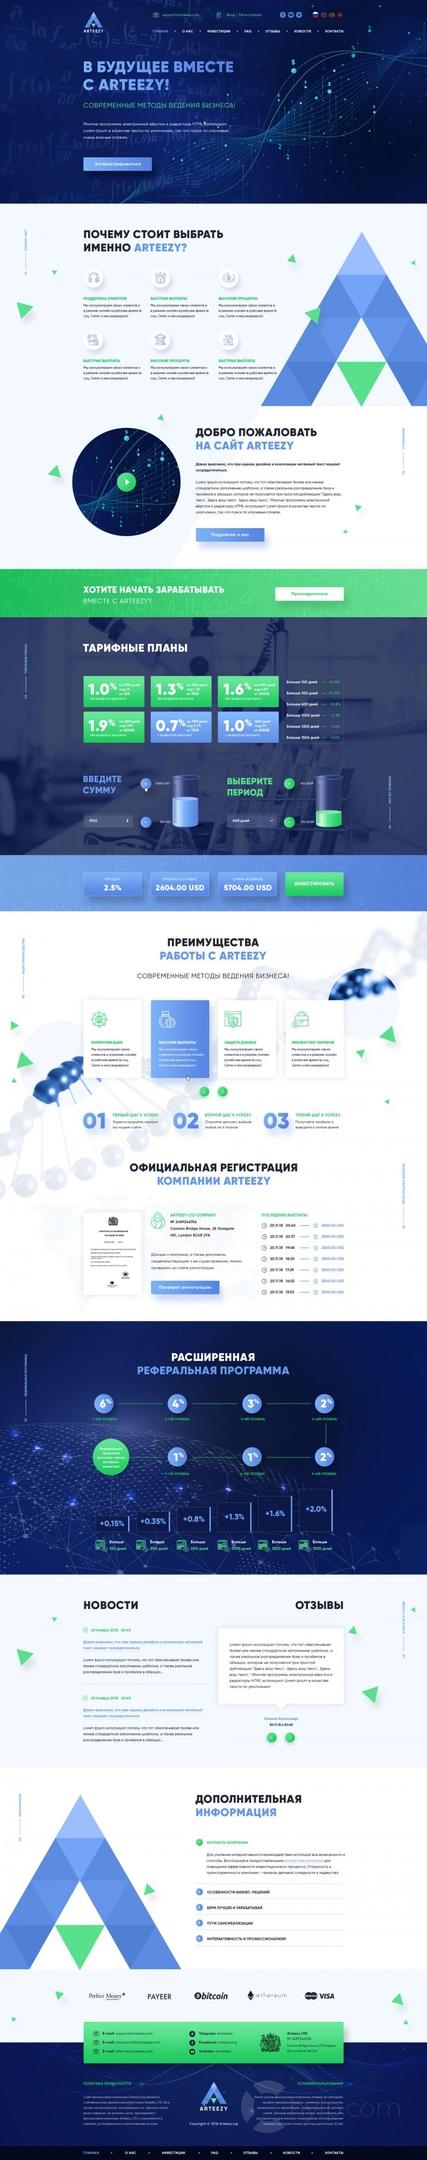 Скрипт инвестиционного проекта ARTEZZY